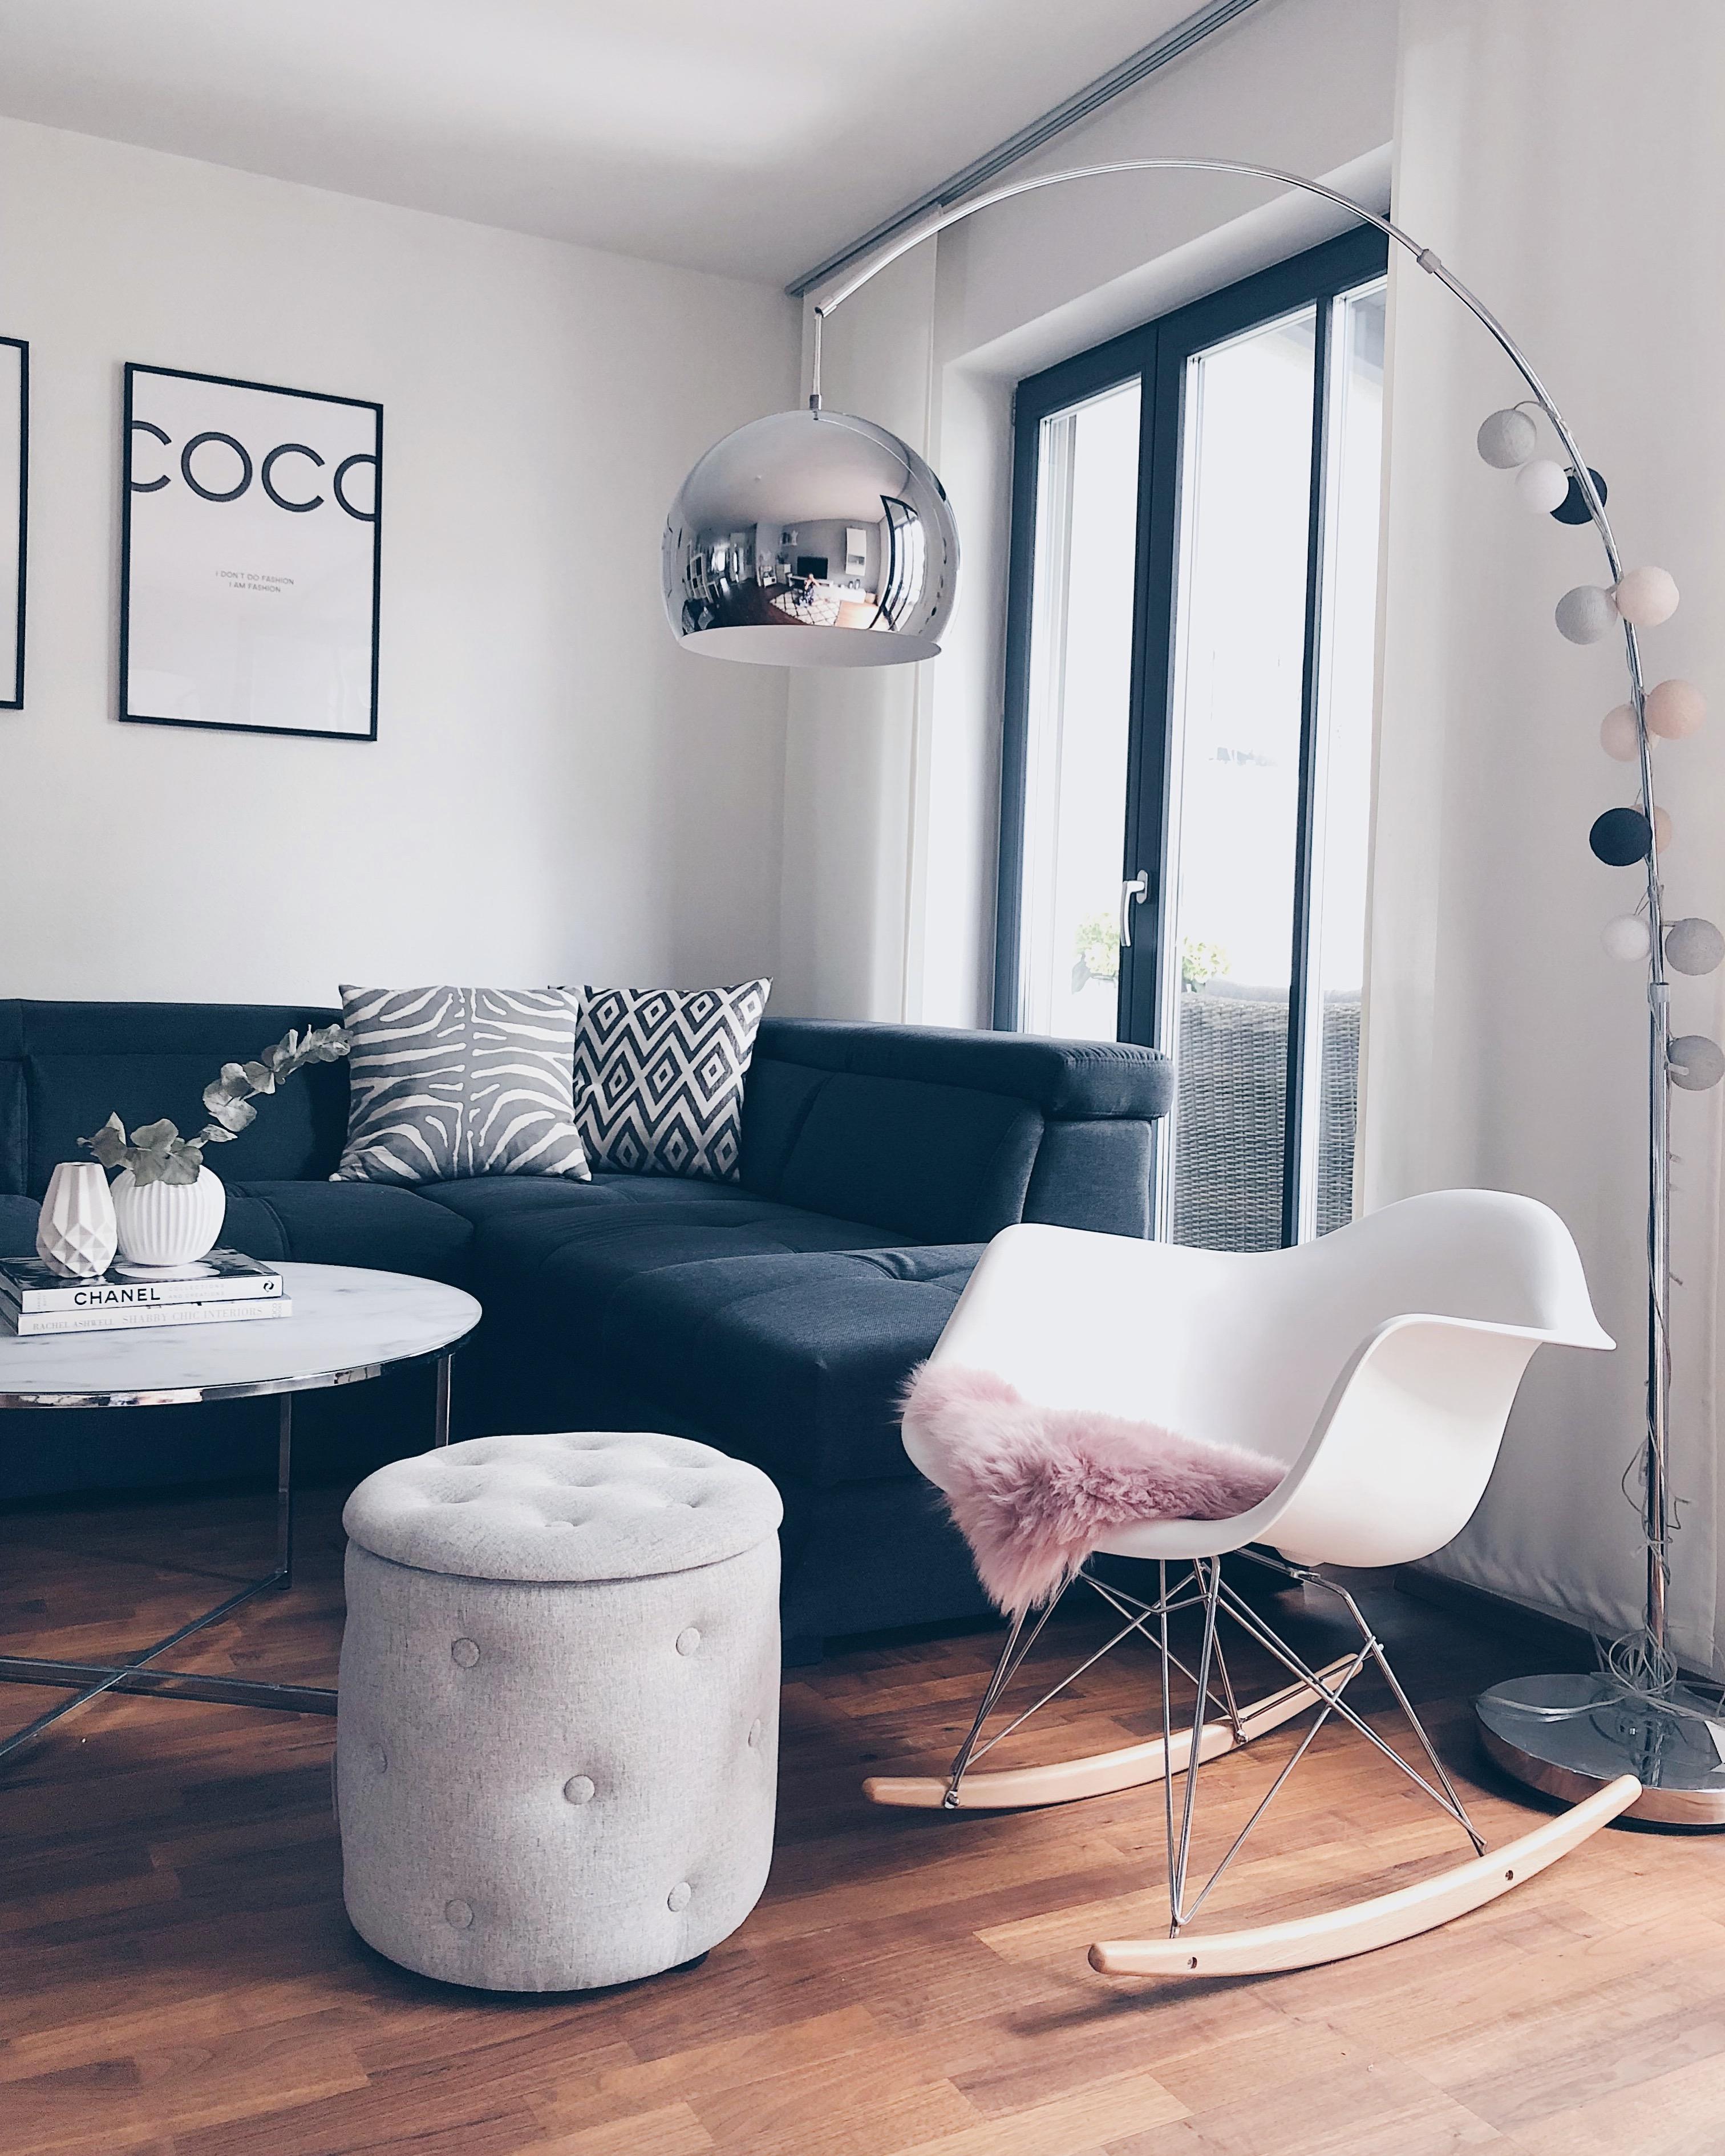 Schaukelstuhl inspiration entspannende ideen bei couch for Schaukelstuhl western style